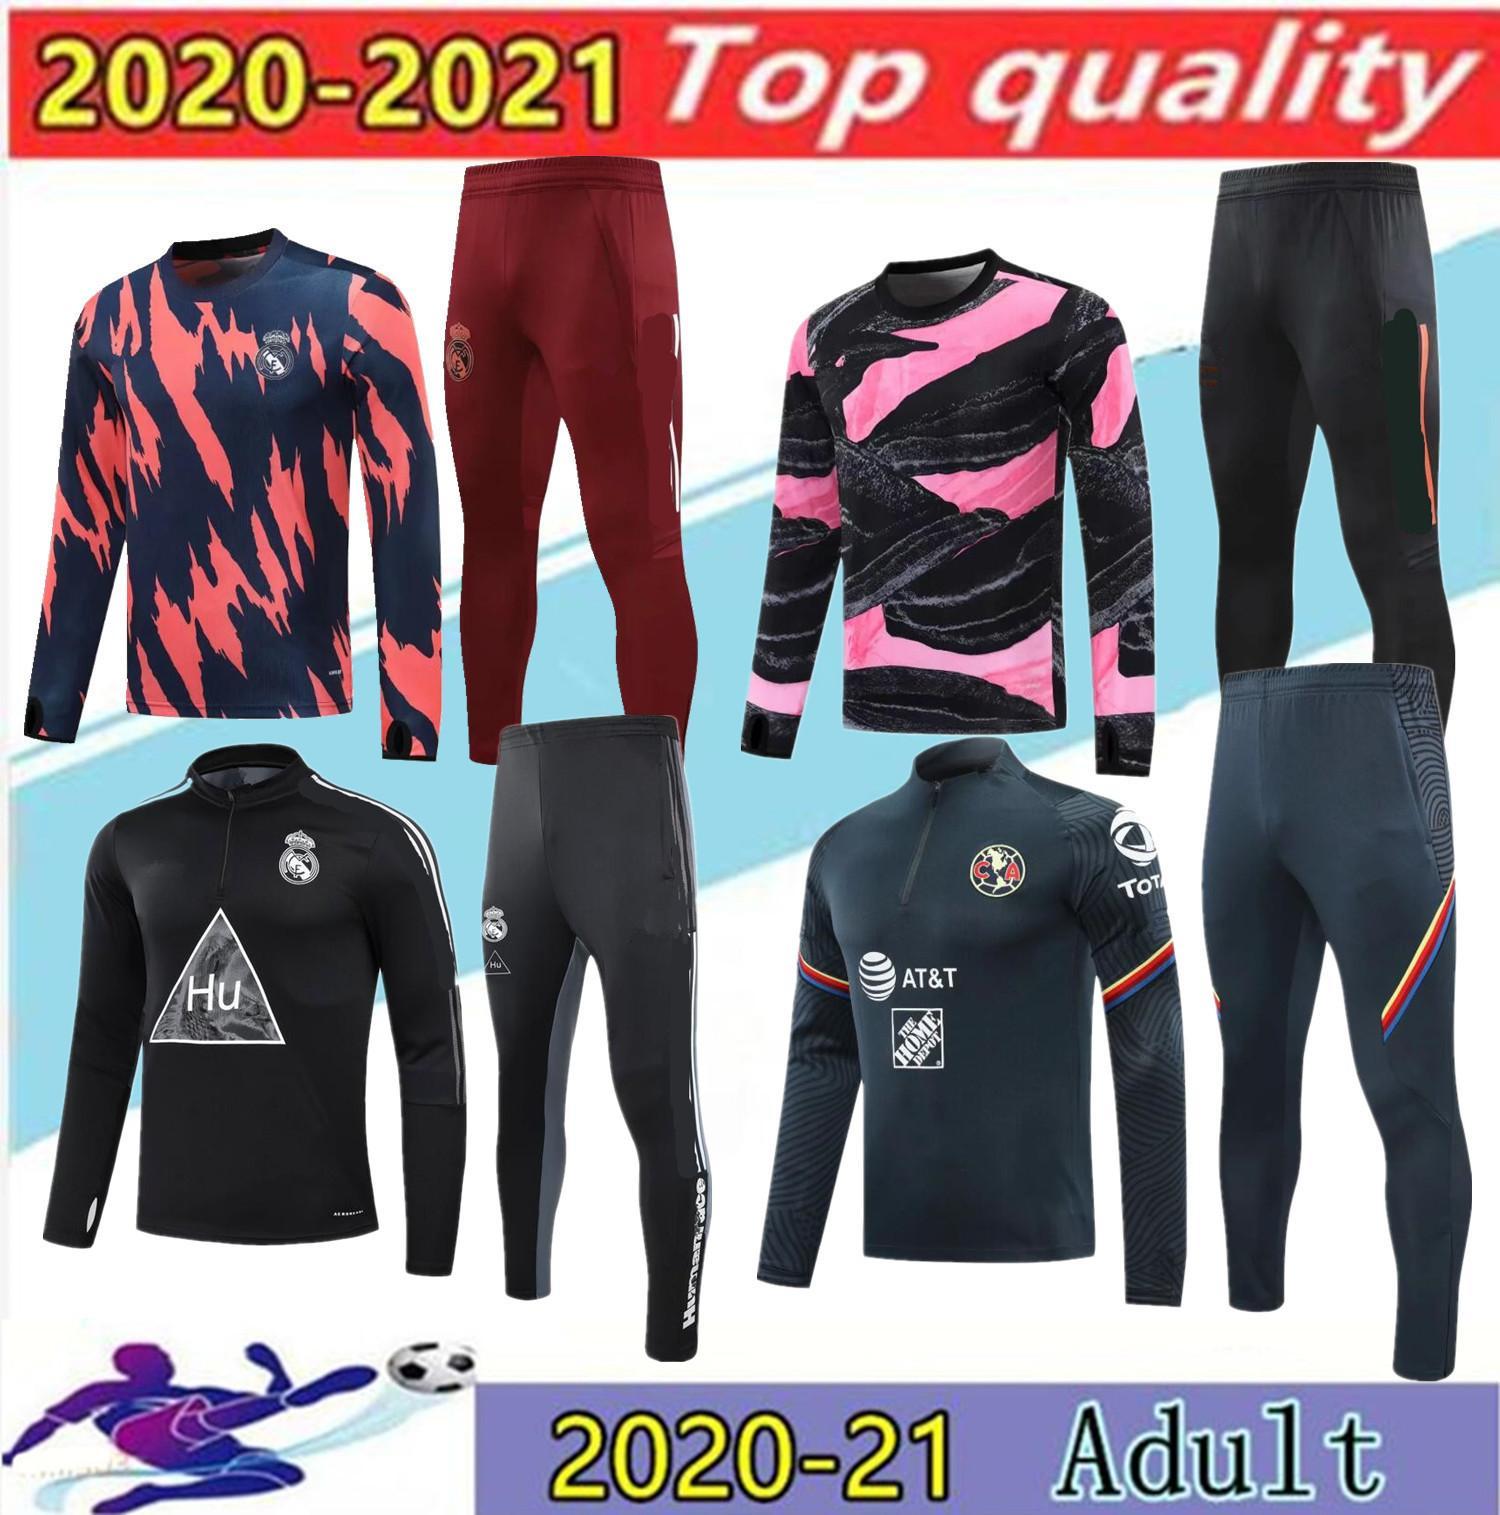 2020 ريال مدريد كرة القدم رياضية survetement 20 21Paris أمريكا سترة كرة القدم التدريب دعوى القدم تشاندال فوتبول الركض مجموعة